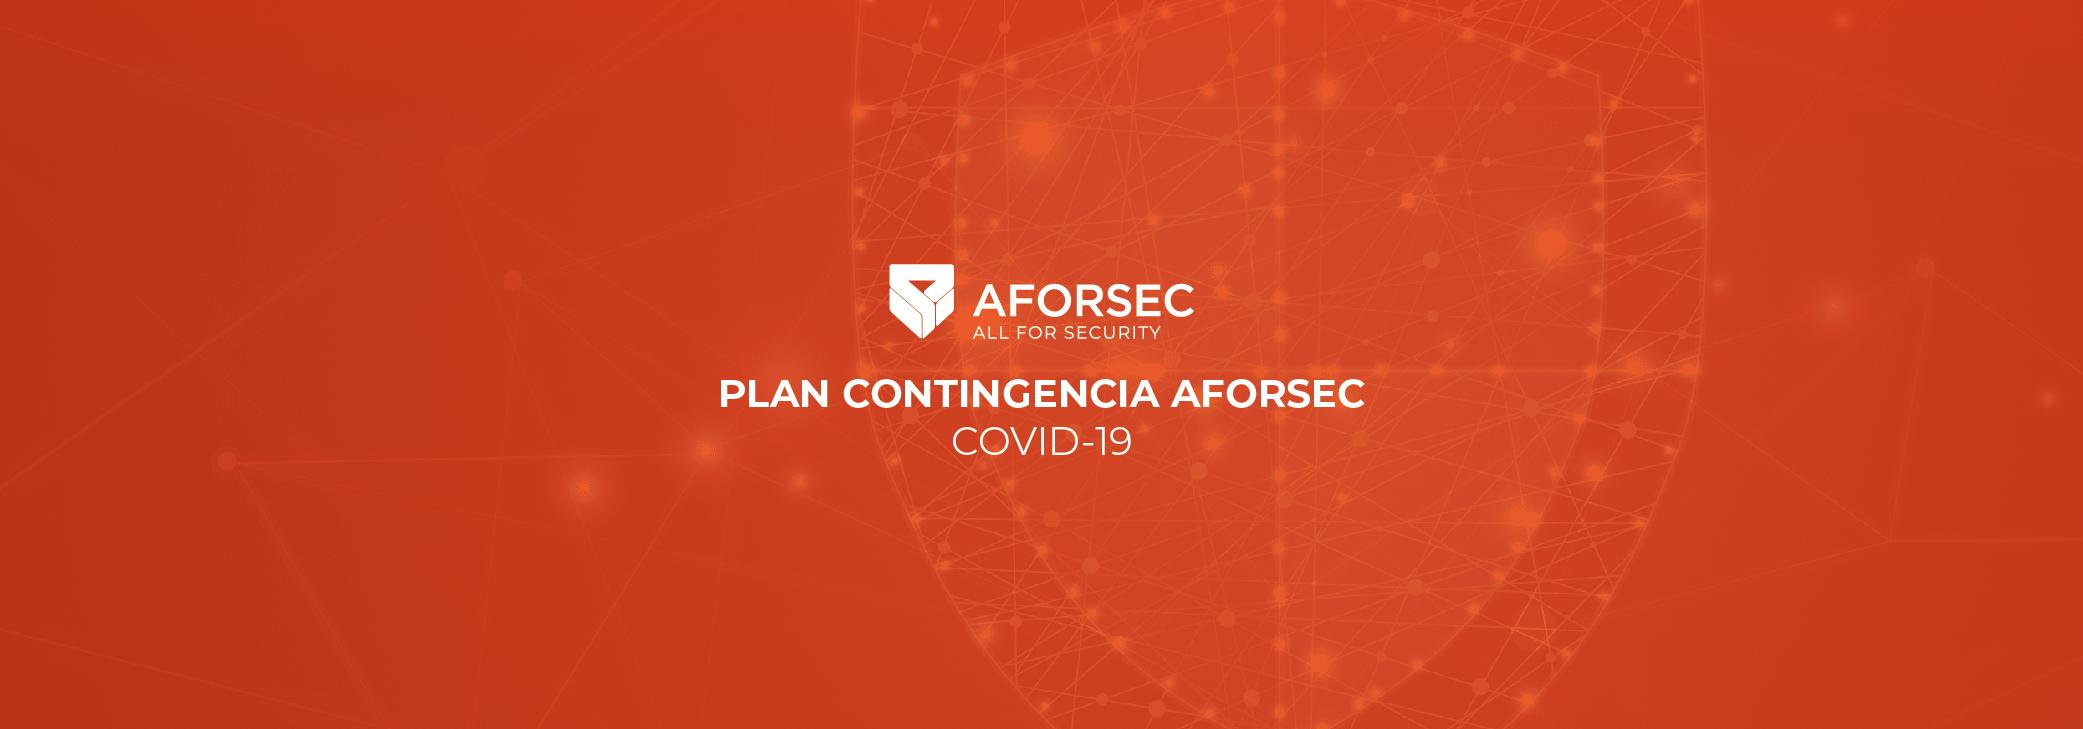 Plan Contingencia Aforsec